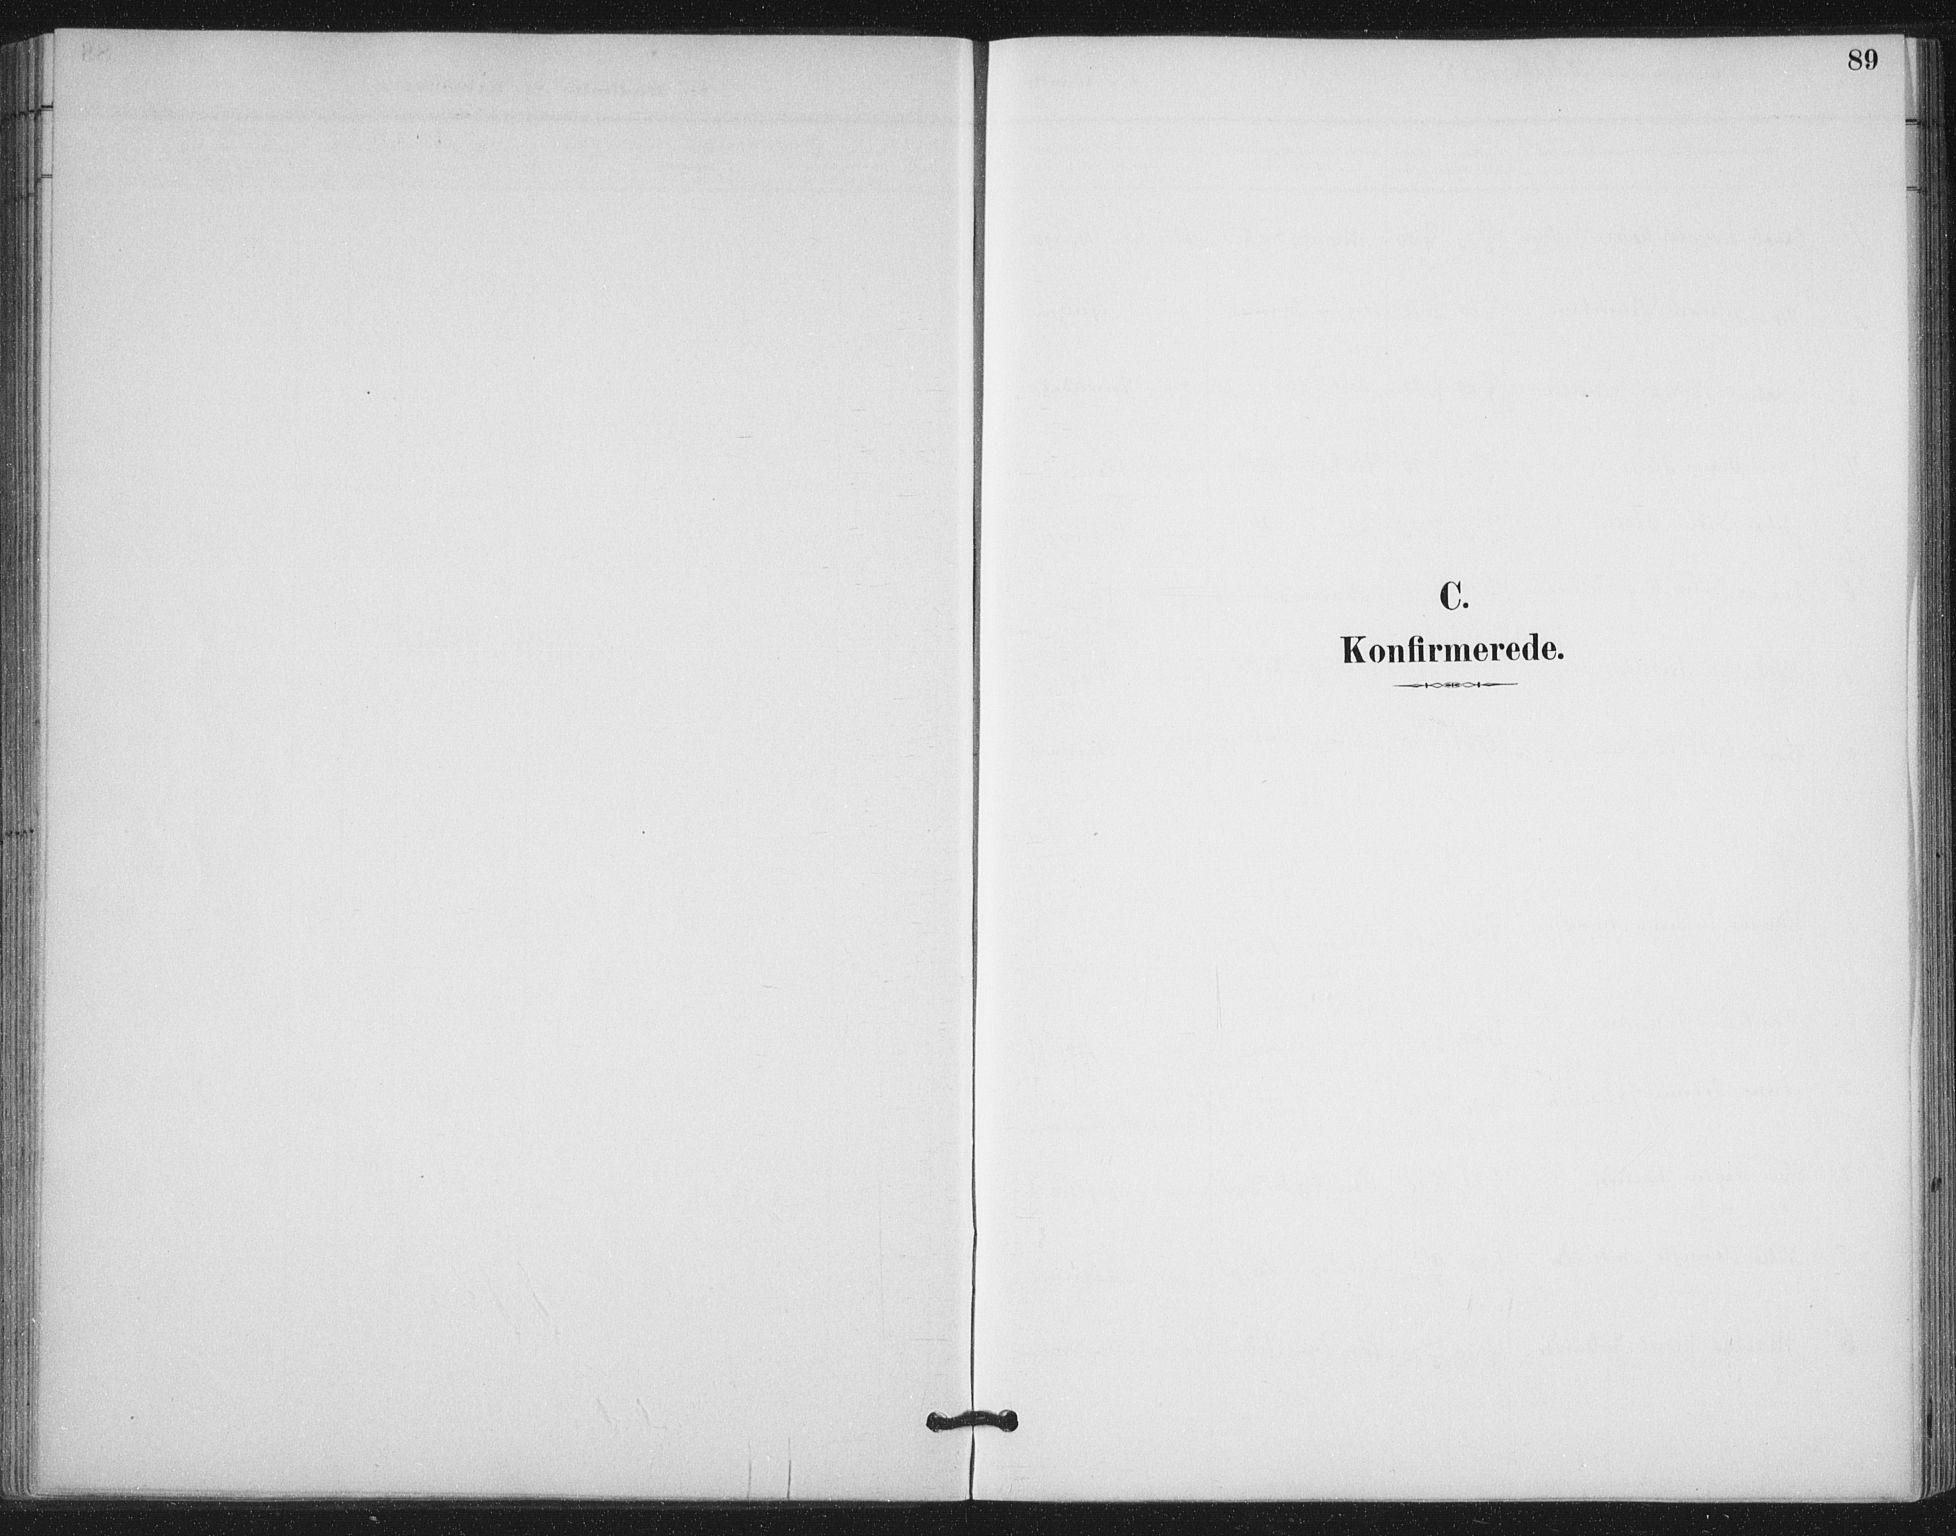 SAT, Ministerialprotokoller, klokkerbøker og fødselsregistre - Nord-Trøndelag, 772/L0603: Ministerialbok nr. 772A01, 1885-1912, s. 89